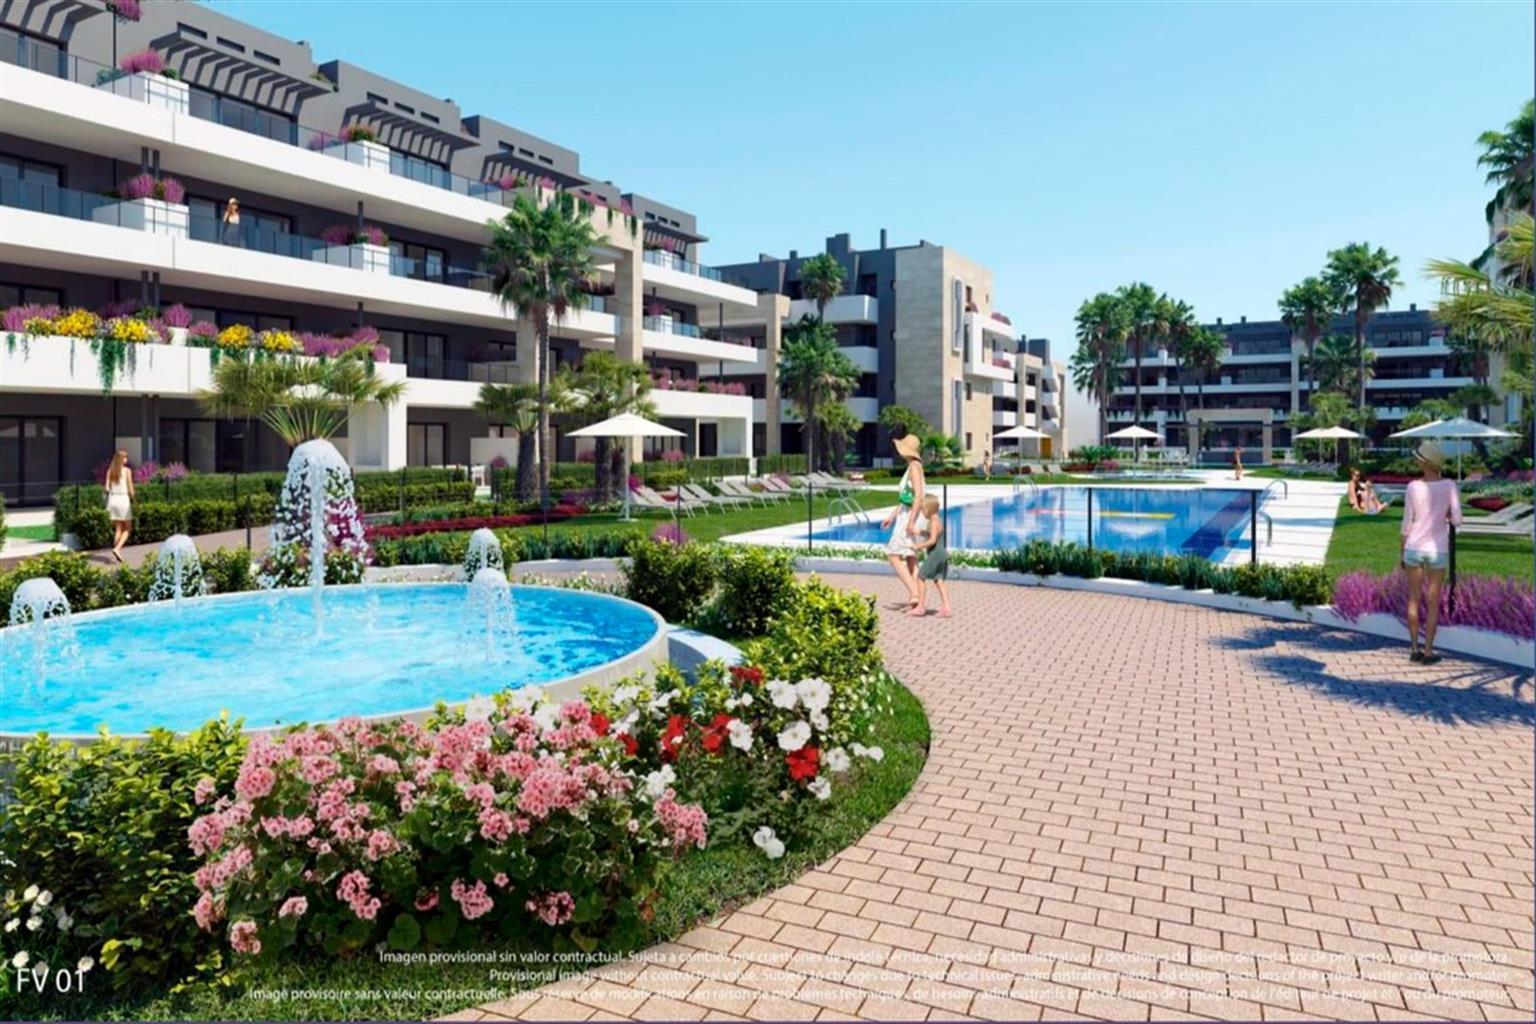 Appartement - Orihuela Costa - #4228409-26